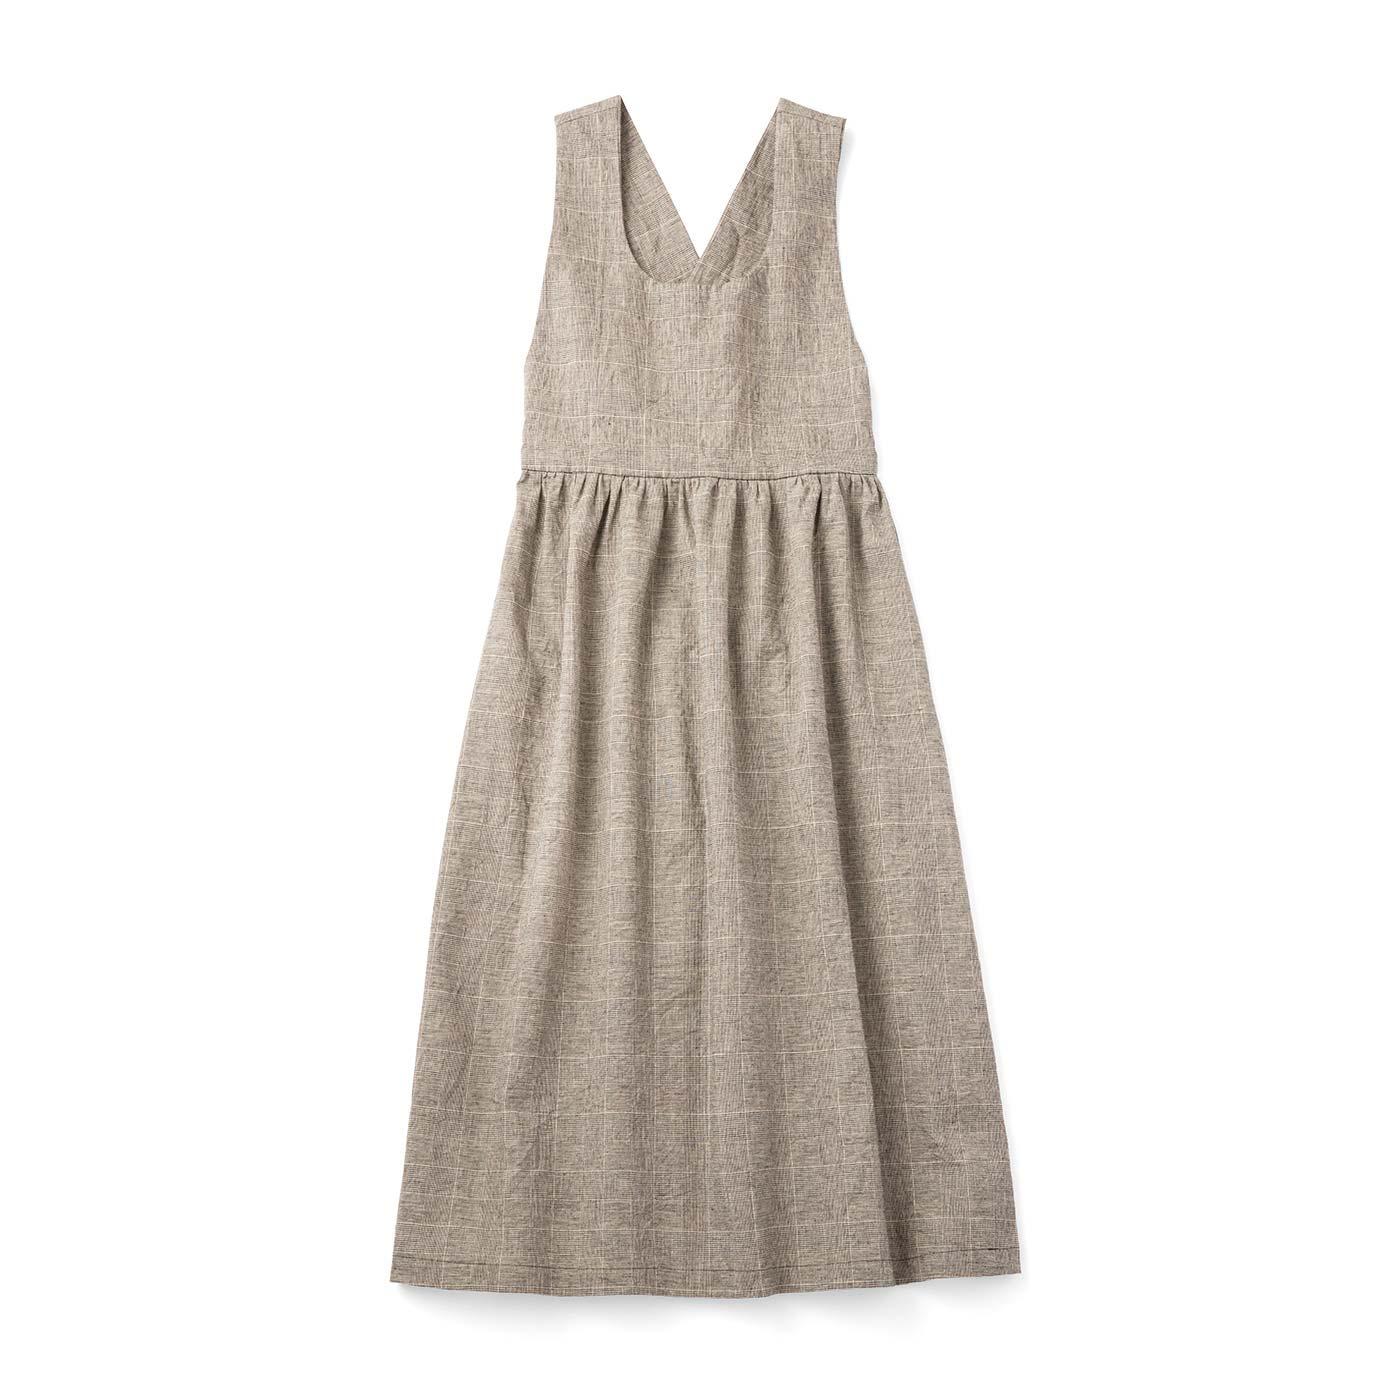 ジャンパースカート総丈:約120cm アイロン転写紙(型紙)と作り方説明書のみのセットです。布地・ゴム・ボタンなどはセットされません。